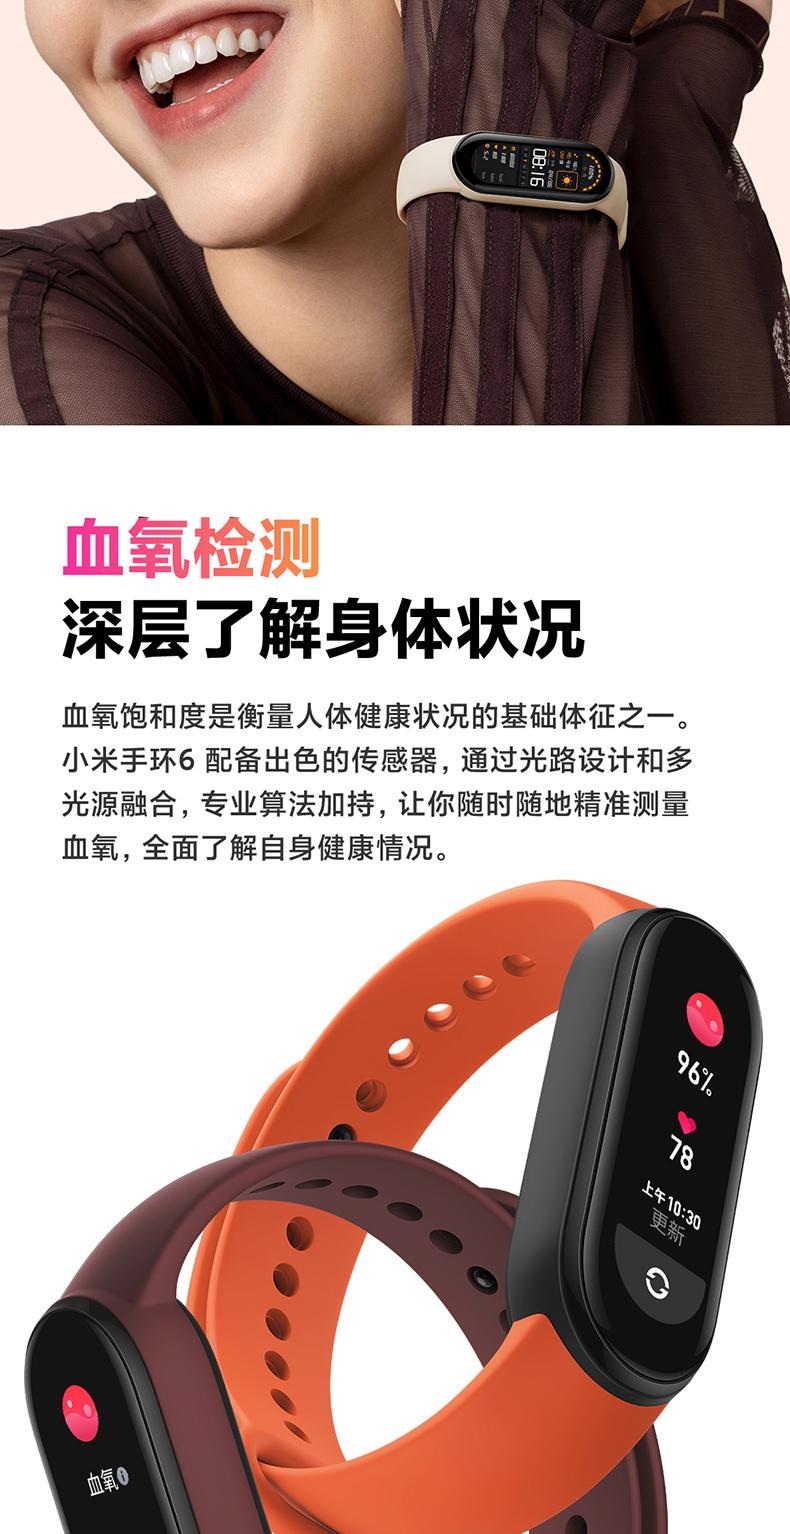 ☆~柑仔店~☆ MI 小米 米家 小米手環6 小米手環6 NFC版 智能手環 血氧 運動 睡眠 監控 新款預購